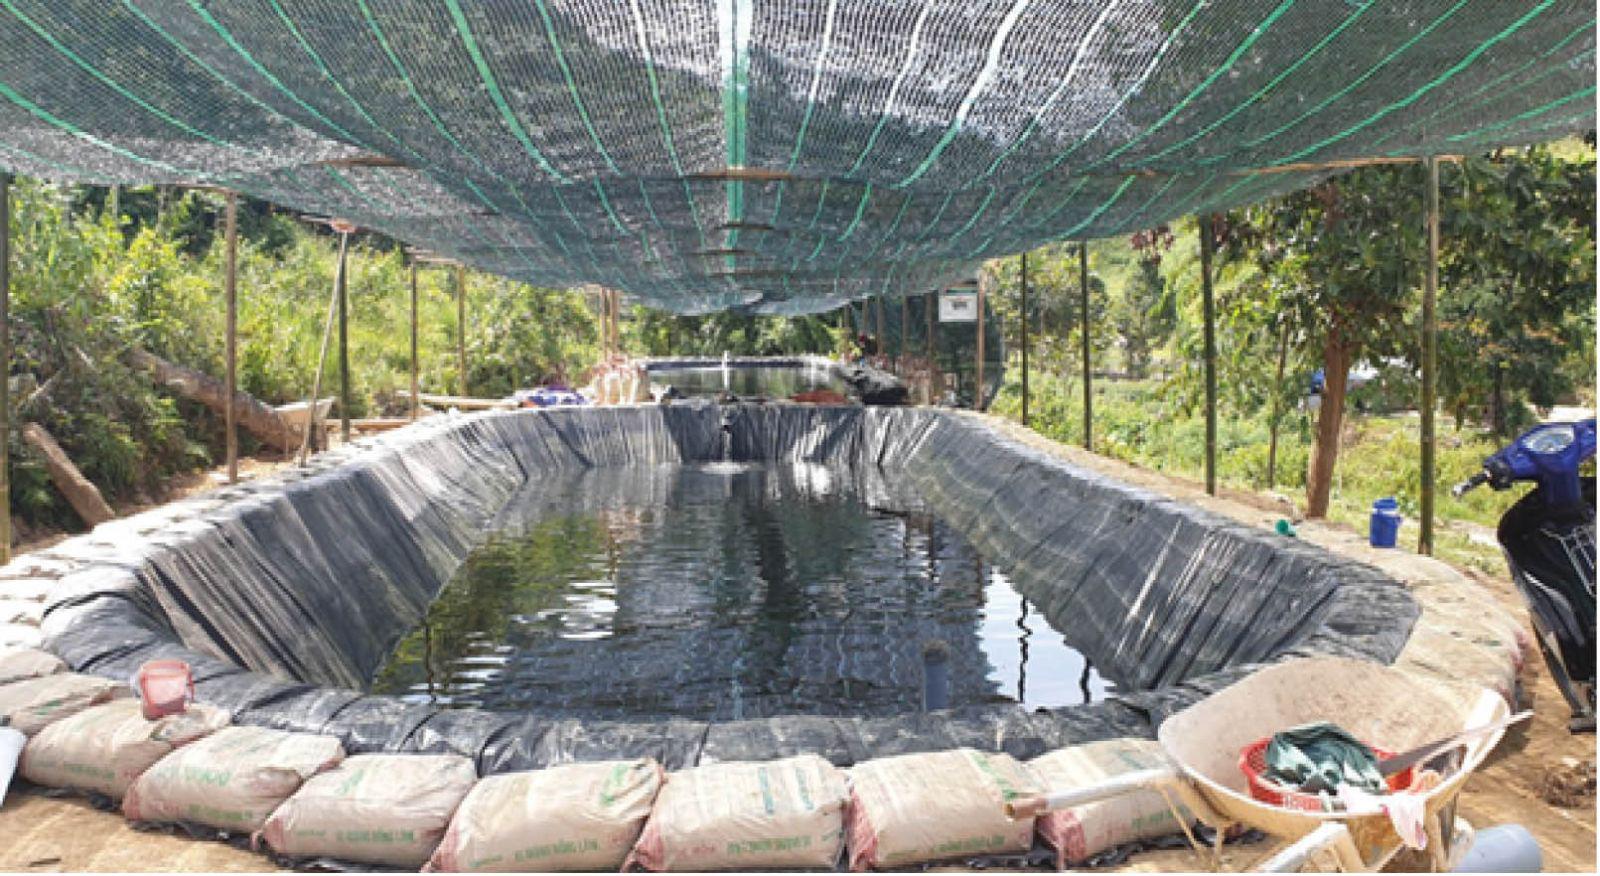 TT-Huế: Nuôi loài cá đặc sản gì ở trên núi của huyện A Lưới mà người dân thu 33 tỷ đồng mỗi năm? - Ảnh 1.